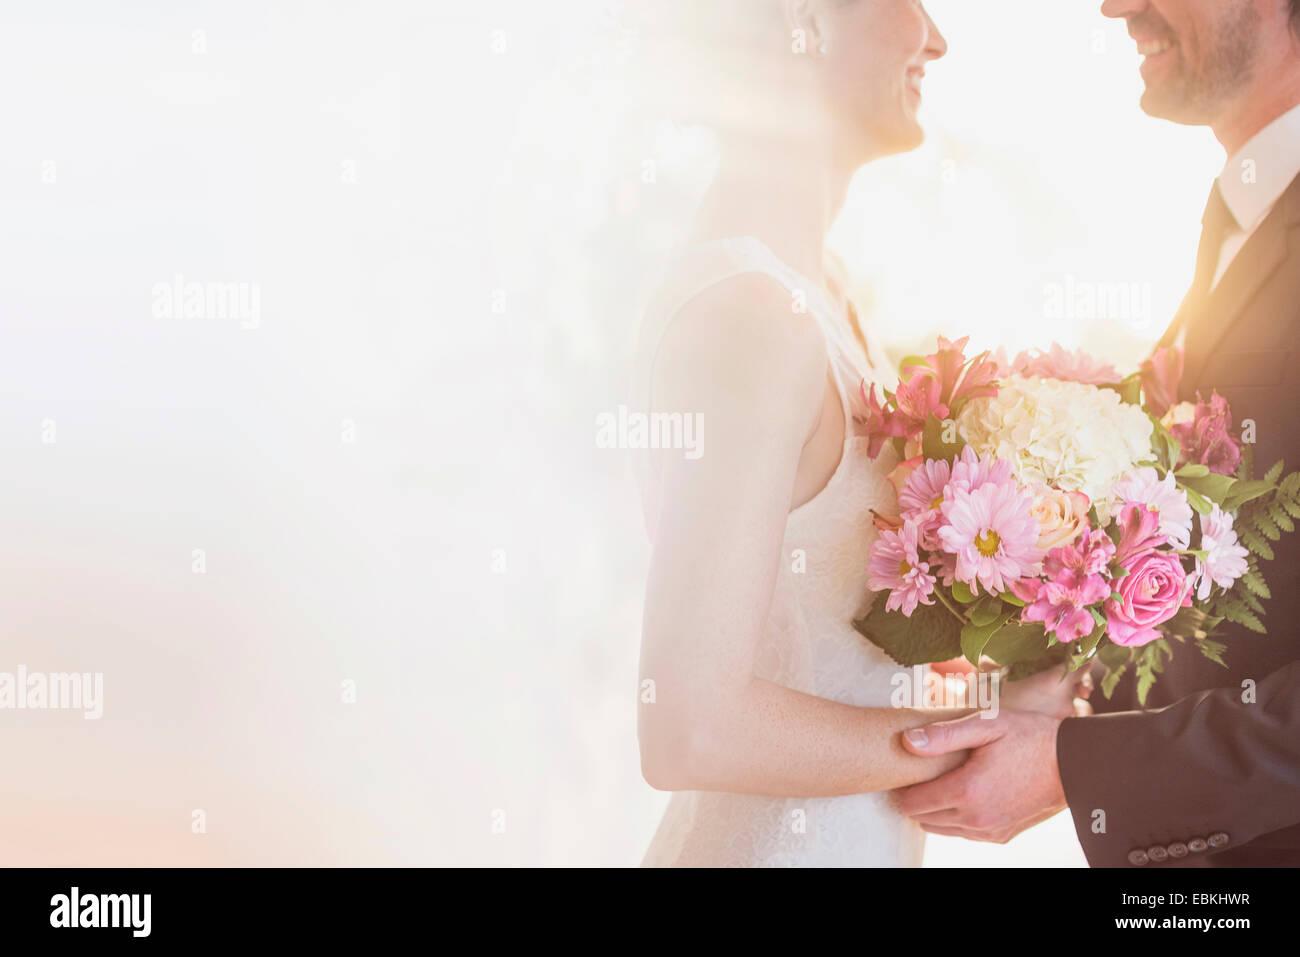 Braut und Bräutigam ihre Hochzeit feiern Stockbild